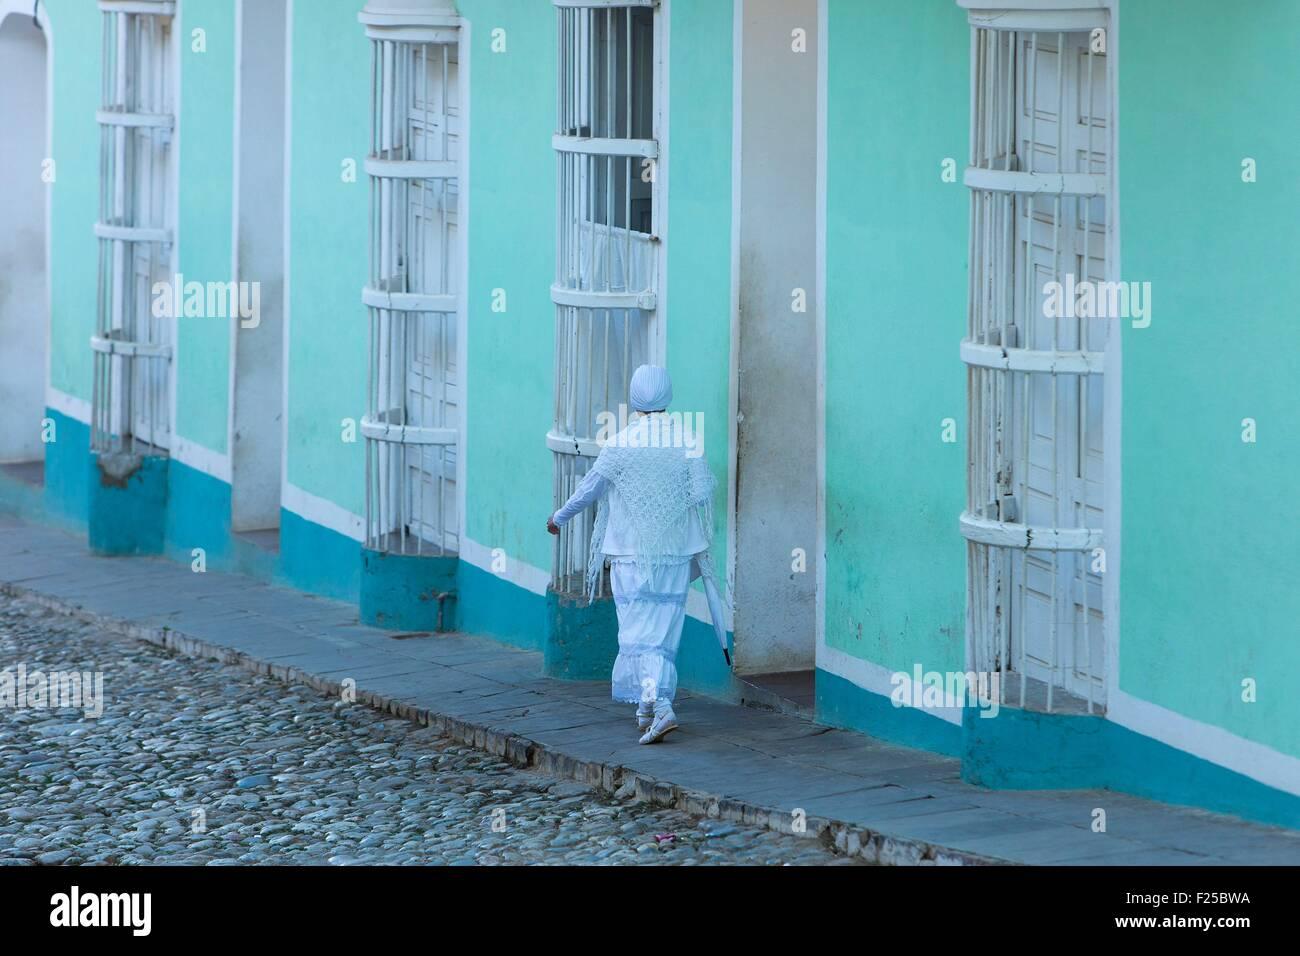 Santeria Woman Cuba Stock Photos & Santeria Woman Cuba Stock